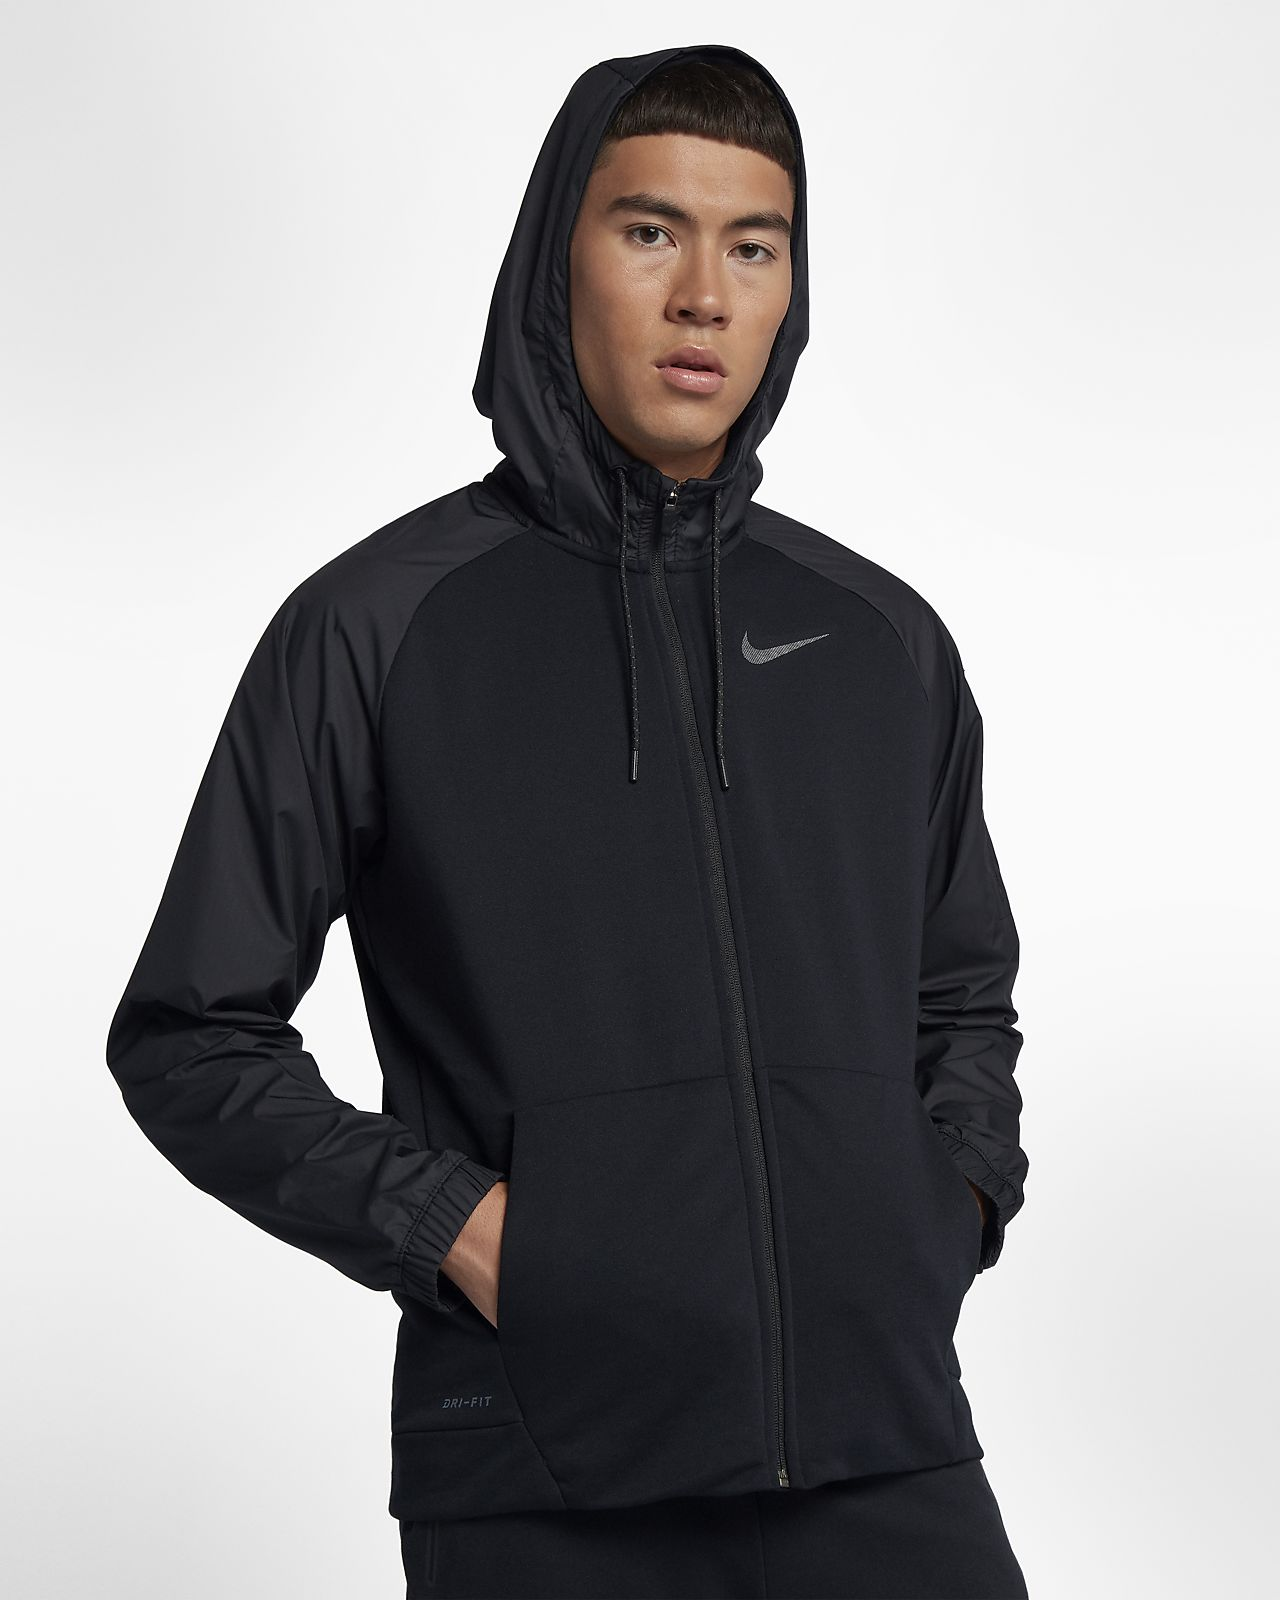 Felpa Utility da training con cappuccio e zip a tutta lunghezza Nike Dri-FIT - Uomo